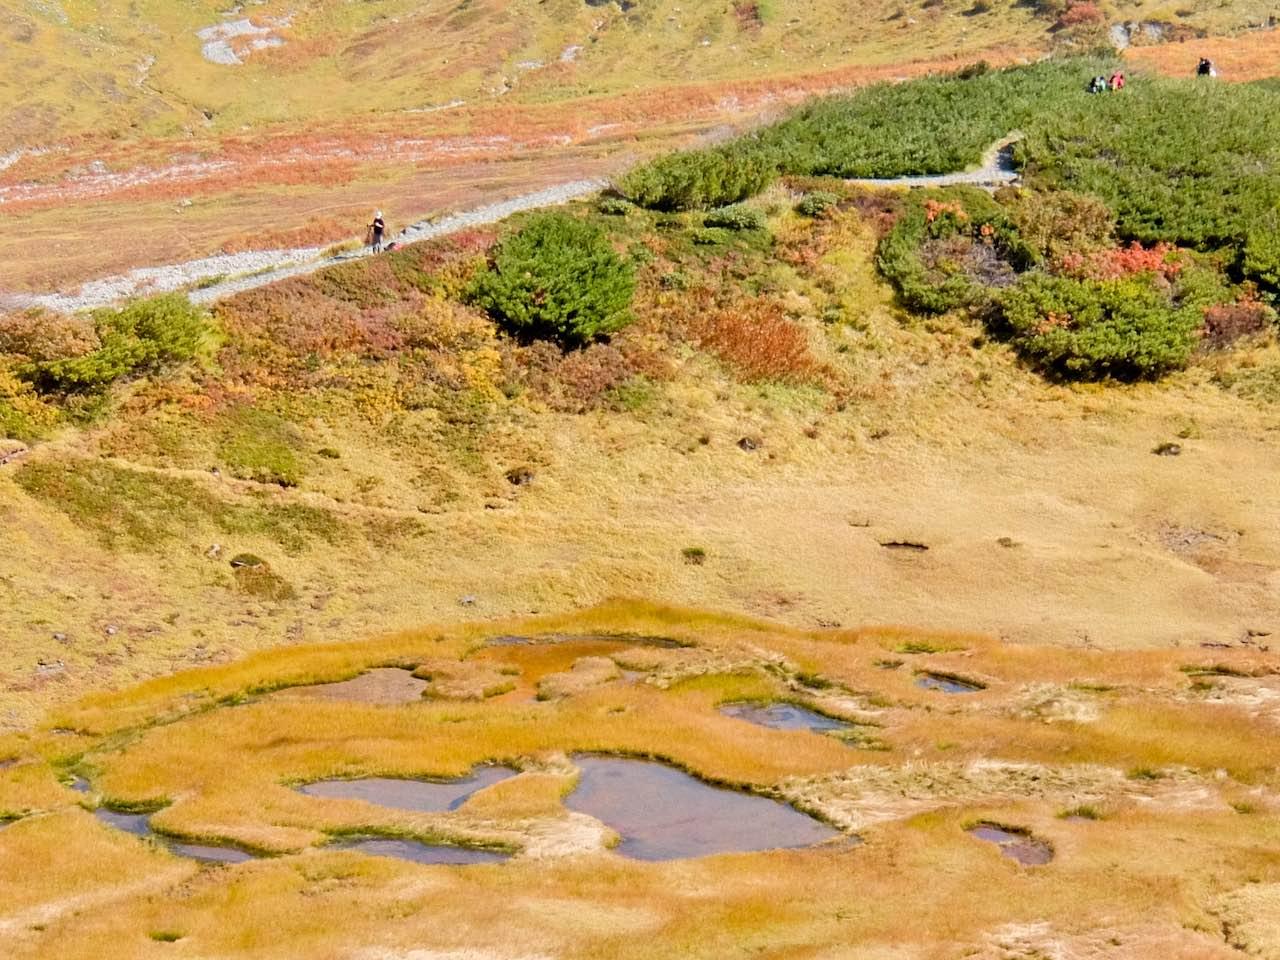 Hiking from Tateyama - Chinoike  Hiking from Tateyama across the Northern Japan Alps Hiking from Tateyama Chinoike